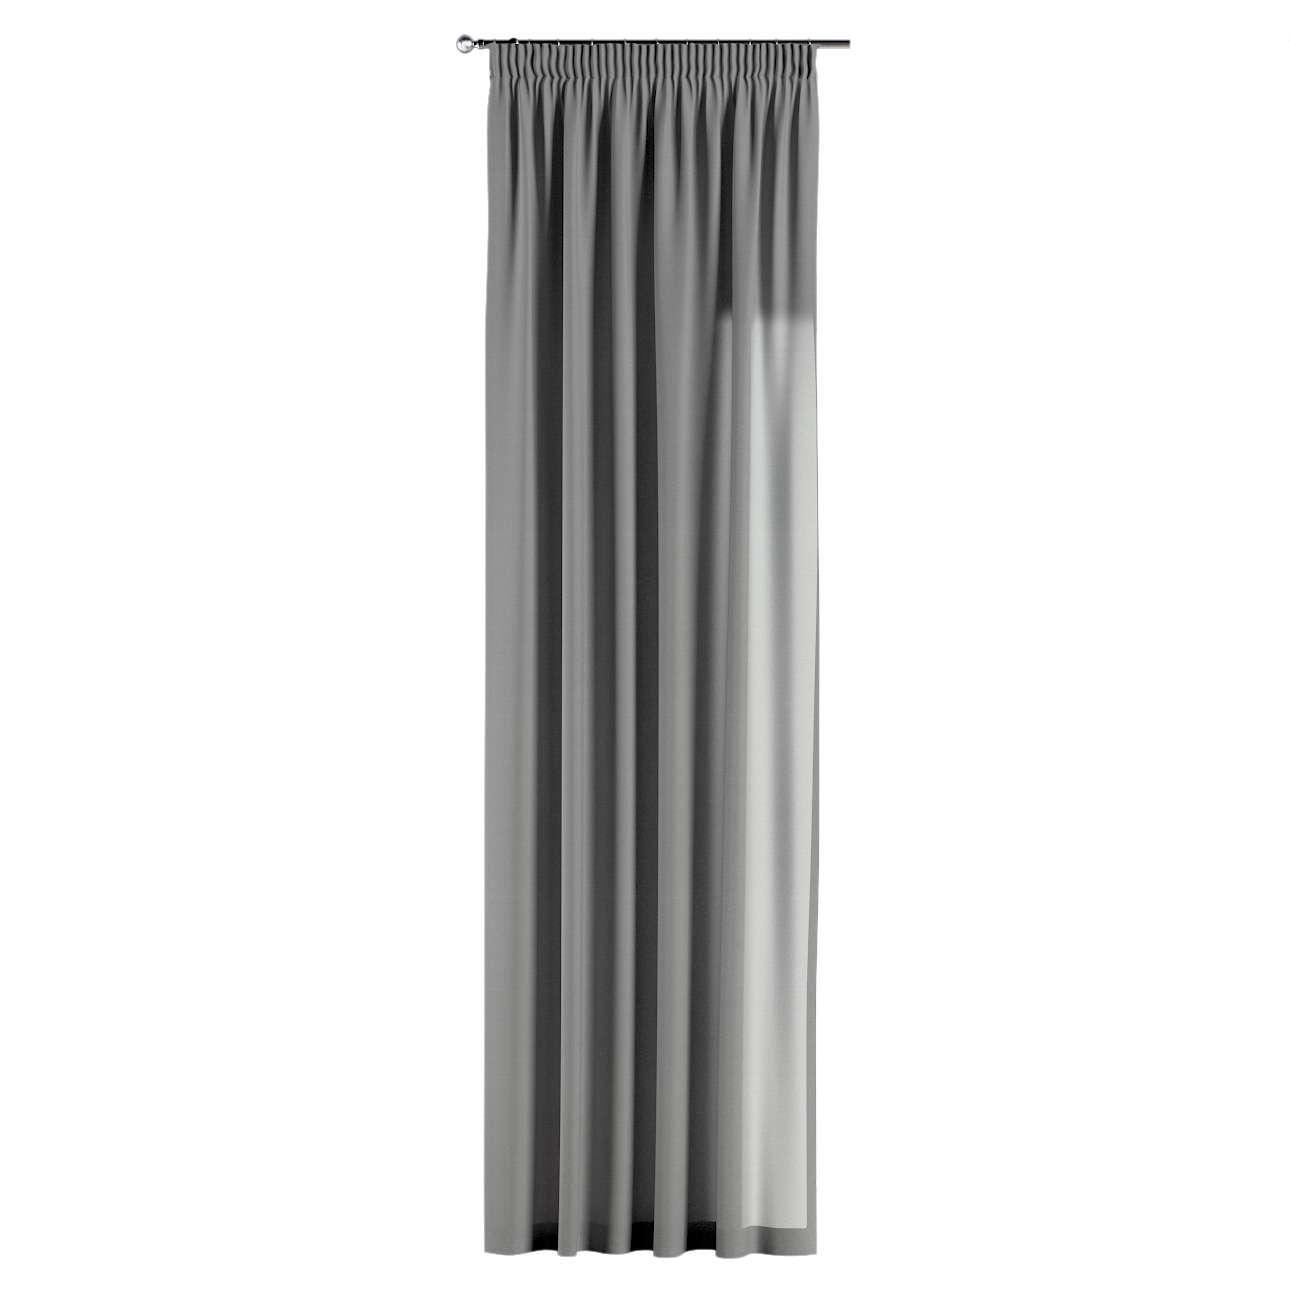 Zasłona na taśmie marszczącej 1 szt. 1szt 130x260 cm w kolekcji Loneta, tkanina: 133-24